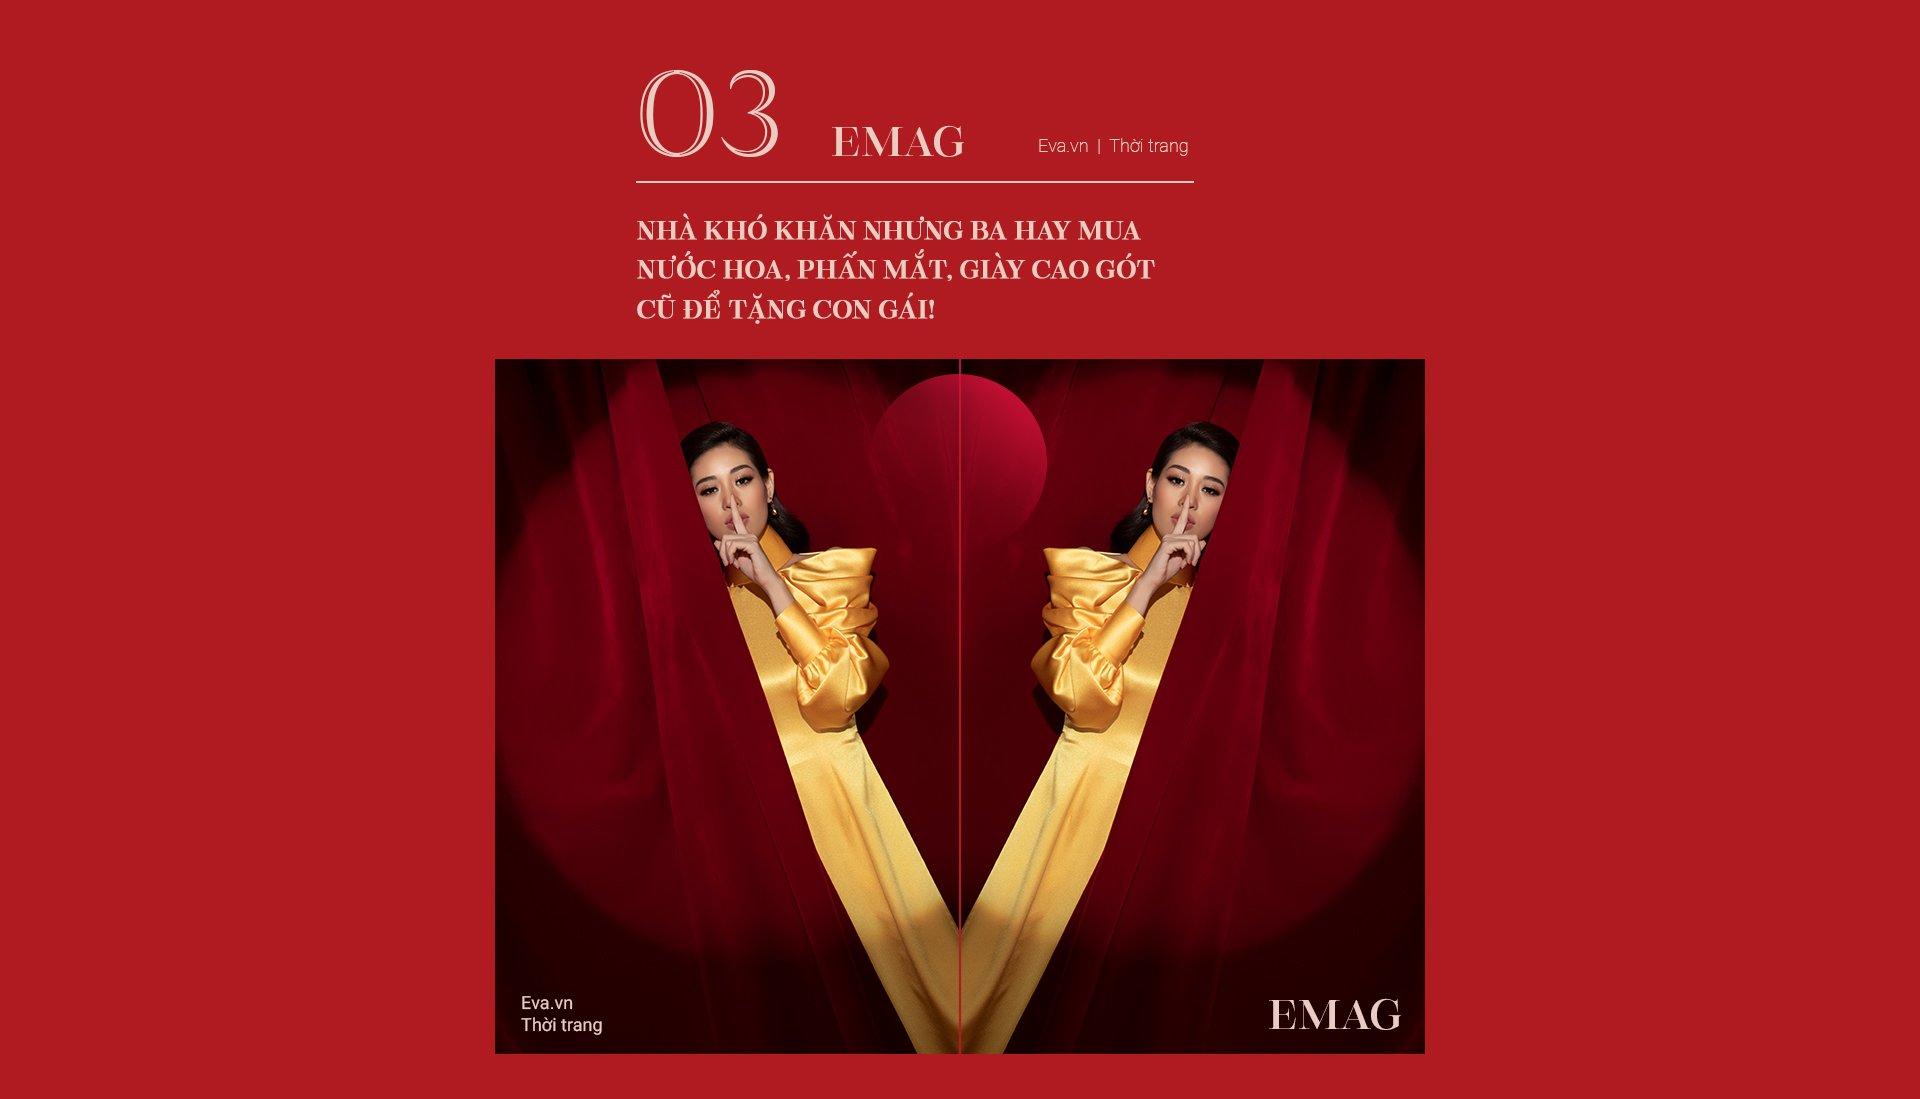 Hoa hậu Hoàn vũ Khánh Vân - Biến cố và sóng gió giúp trái tim nhân ái đăng quang - 12